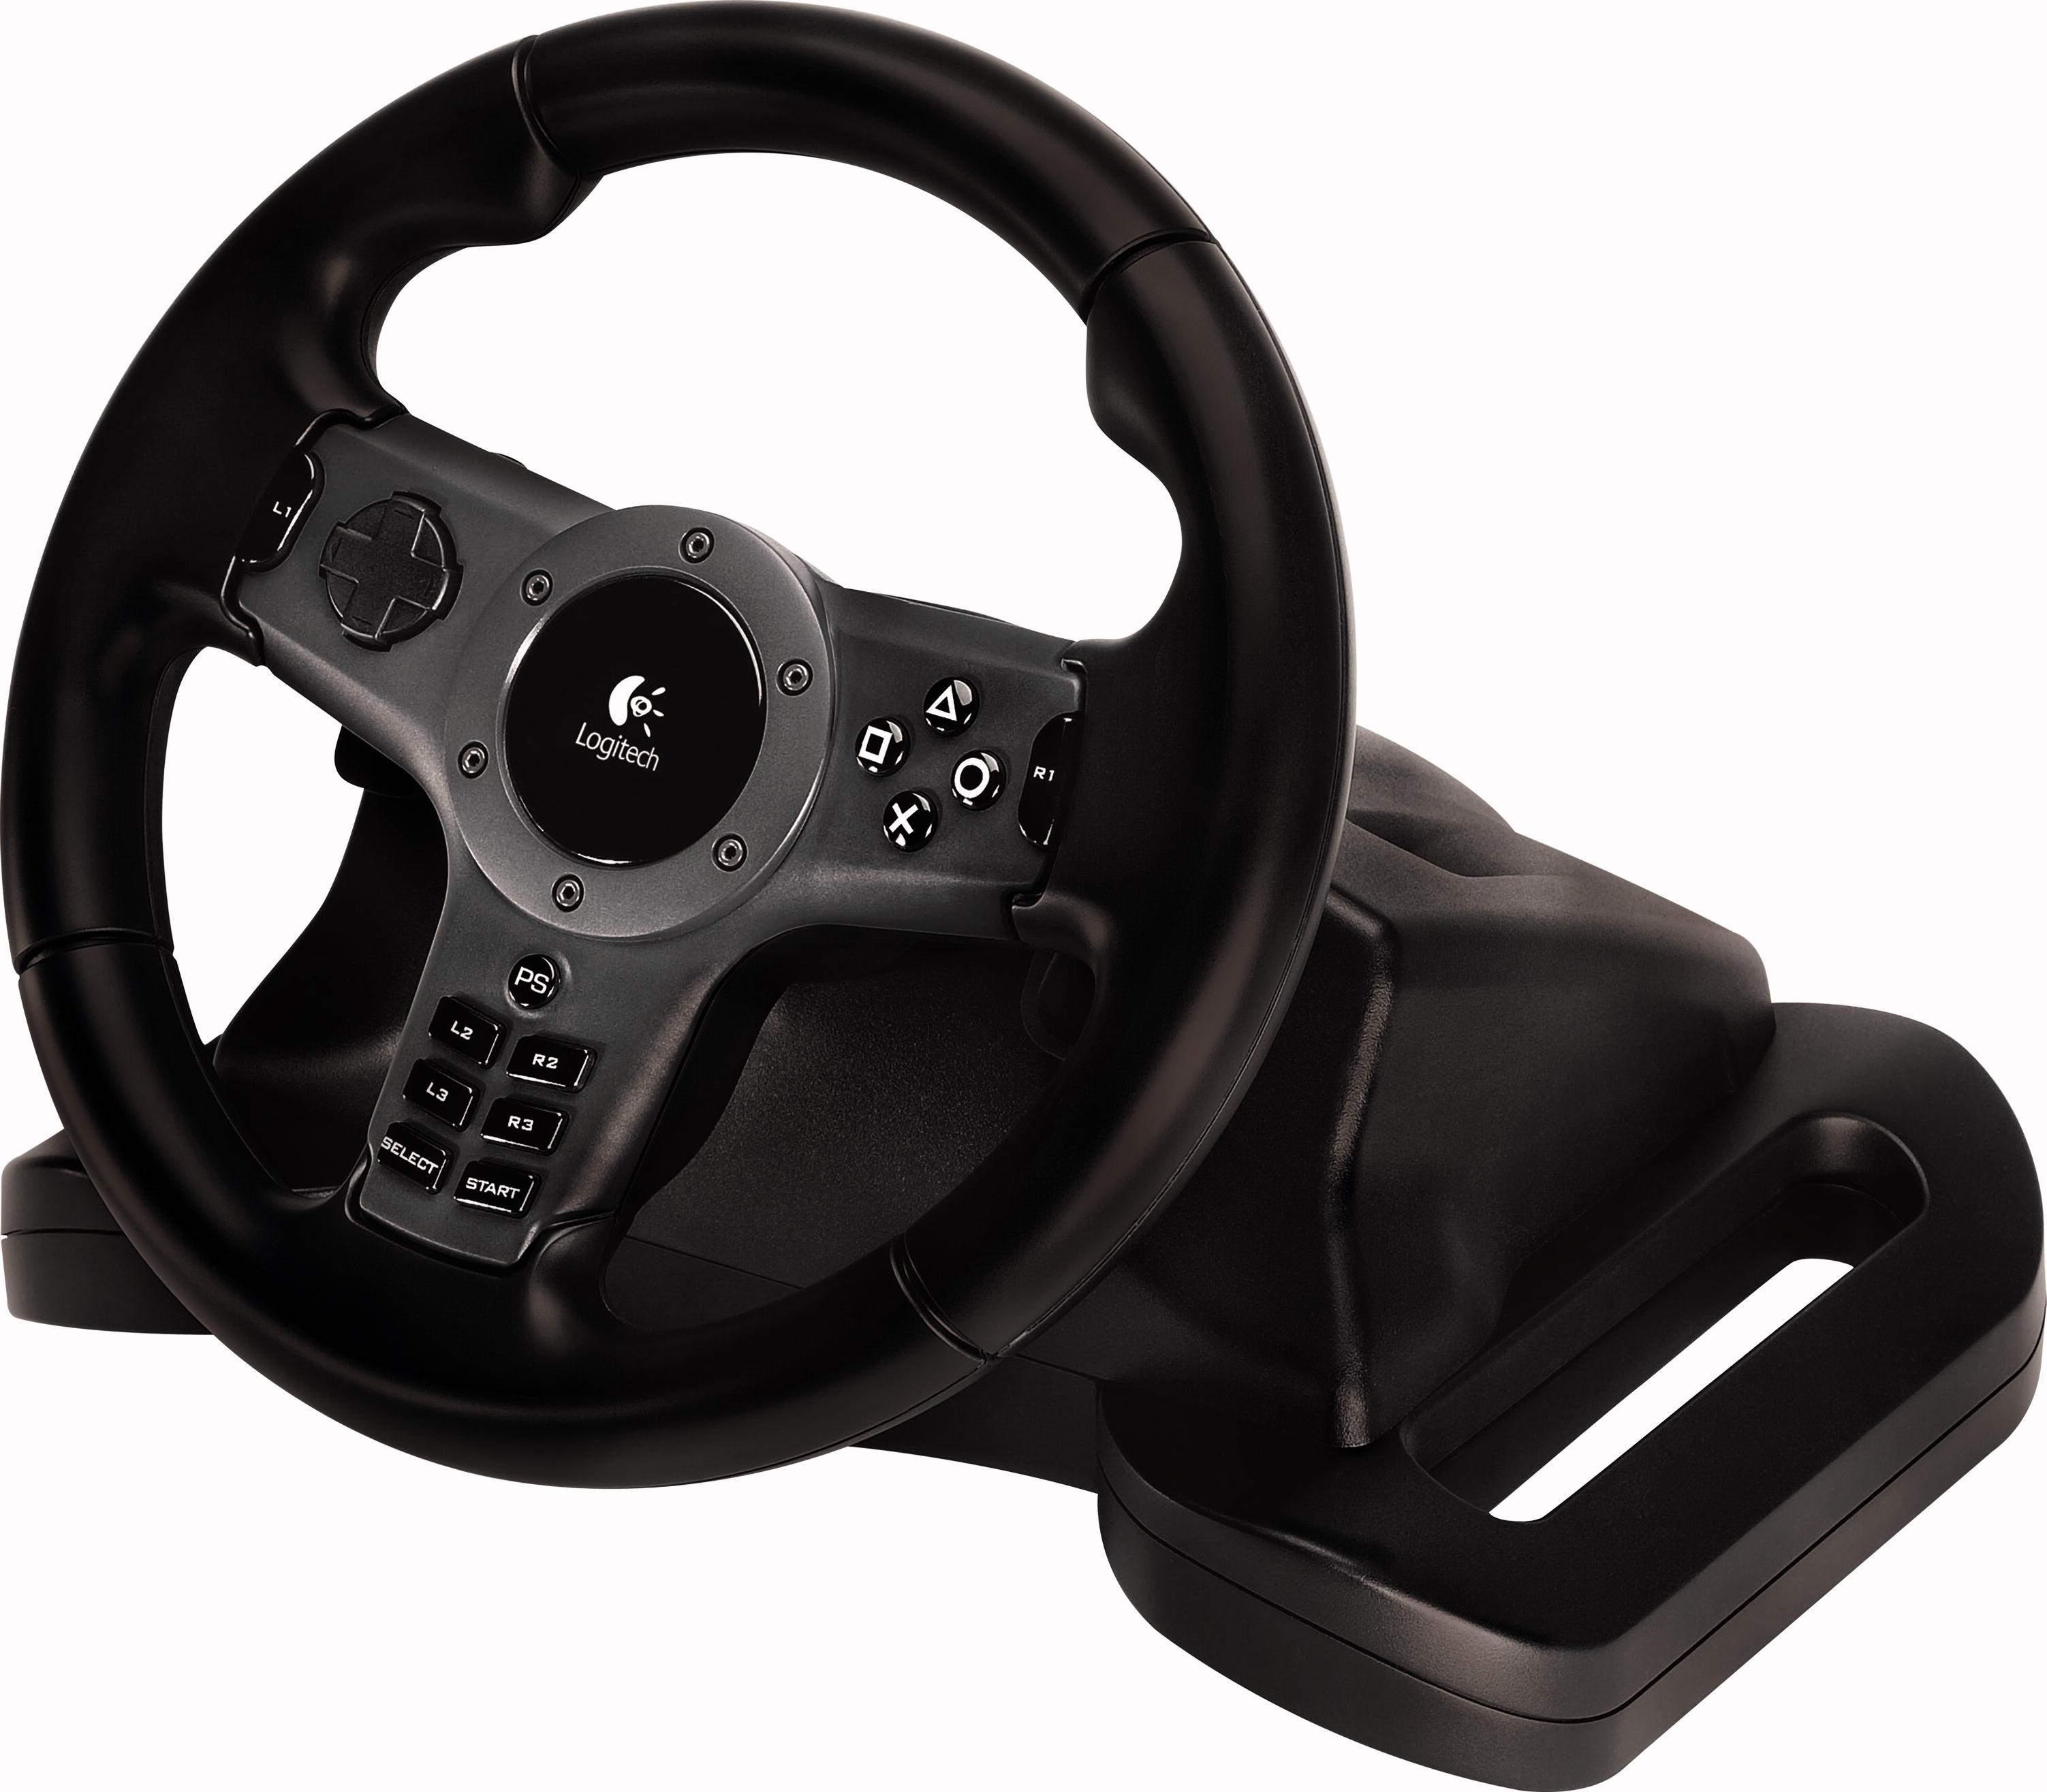 PS3-Lenkrad mit Force-Feedback und Funkanbindung